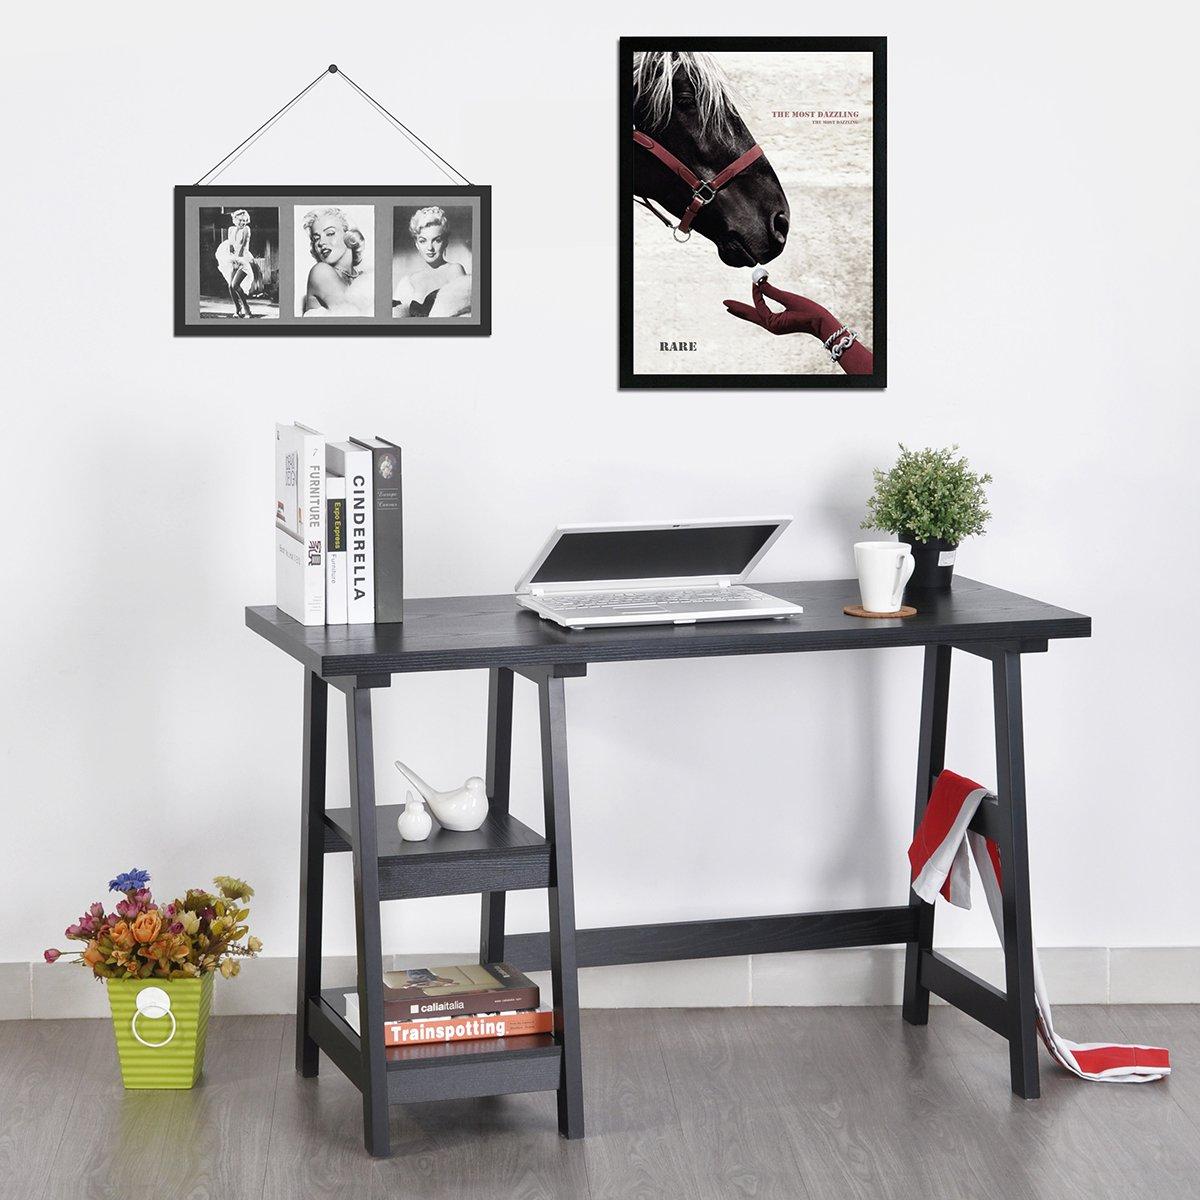 Innovareds, elegante e semplice scrivania salvaspazio, console perfetta per la casa, lo studio, l'ufficio, il soggiorno, il corridoio; dotata di mensole laterali, colore: nero l'ufficio Innovareds-uk